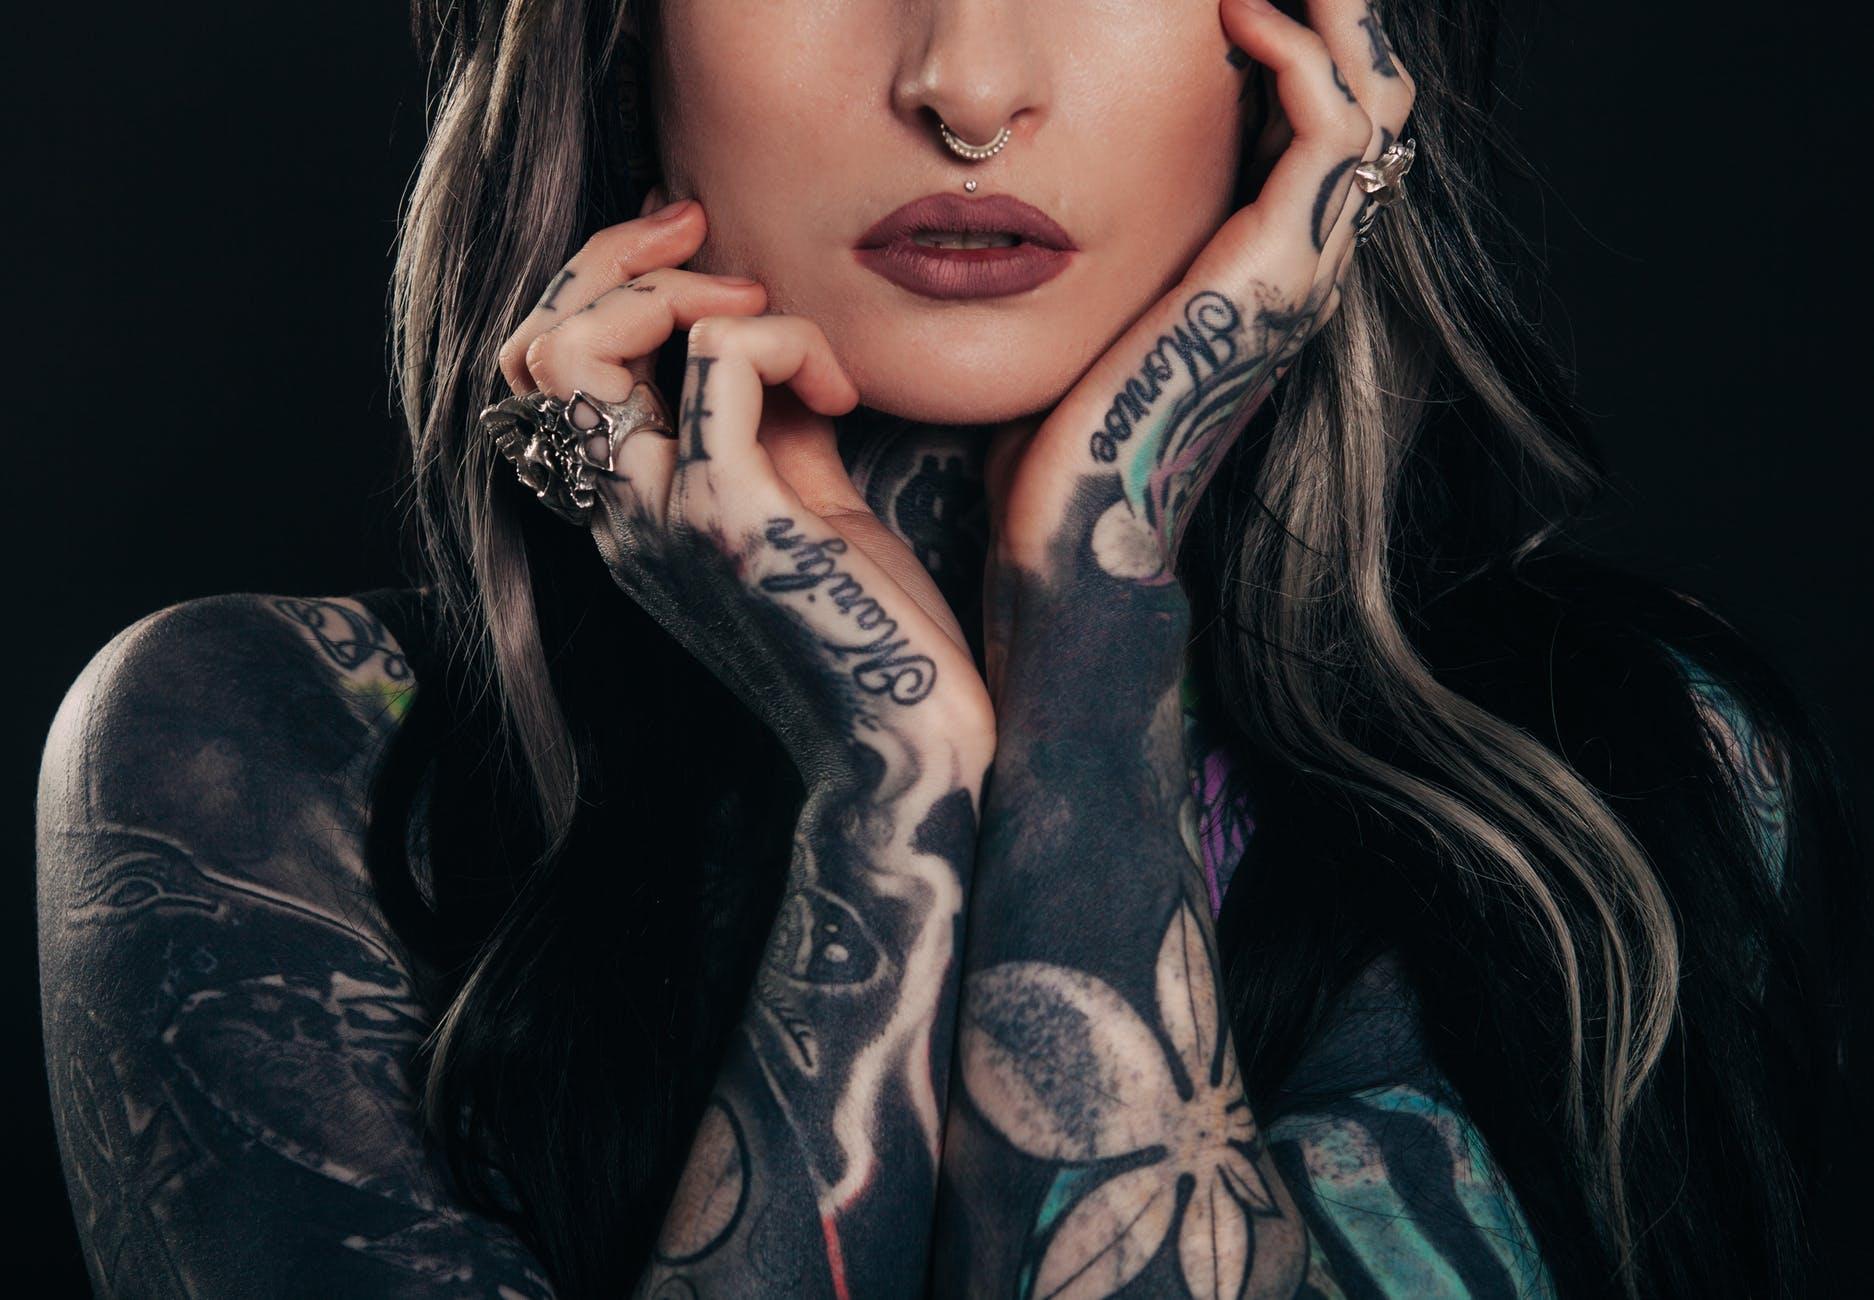 中国纹身市场繁荣增长,女性群体或成主要推动力